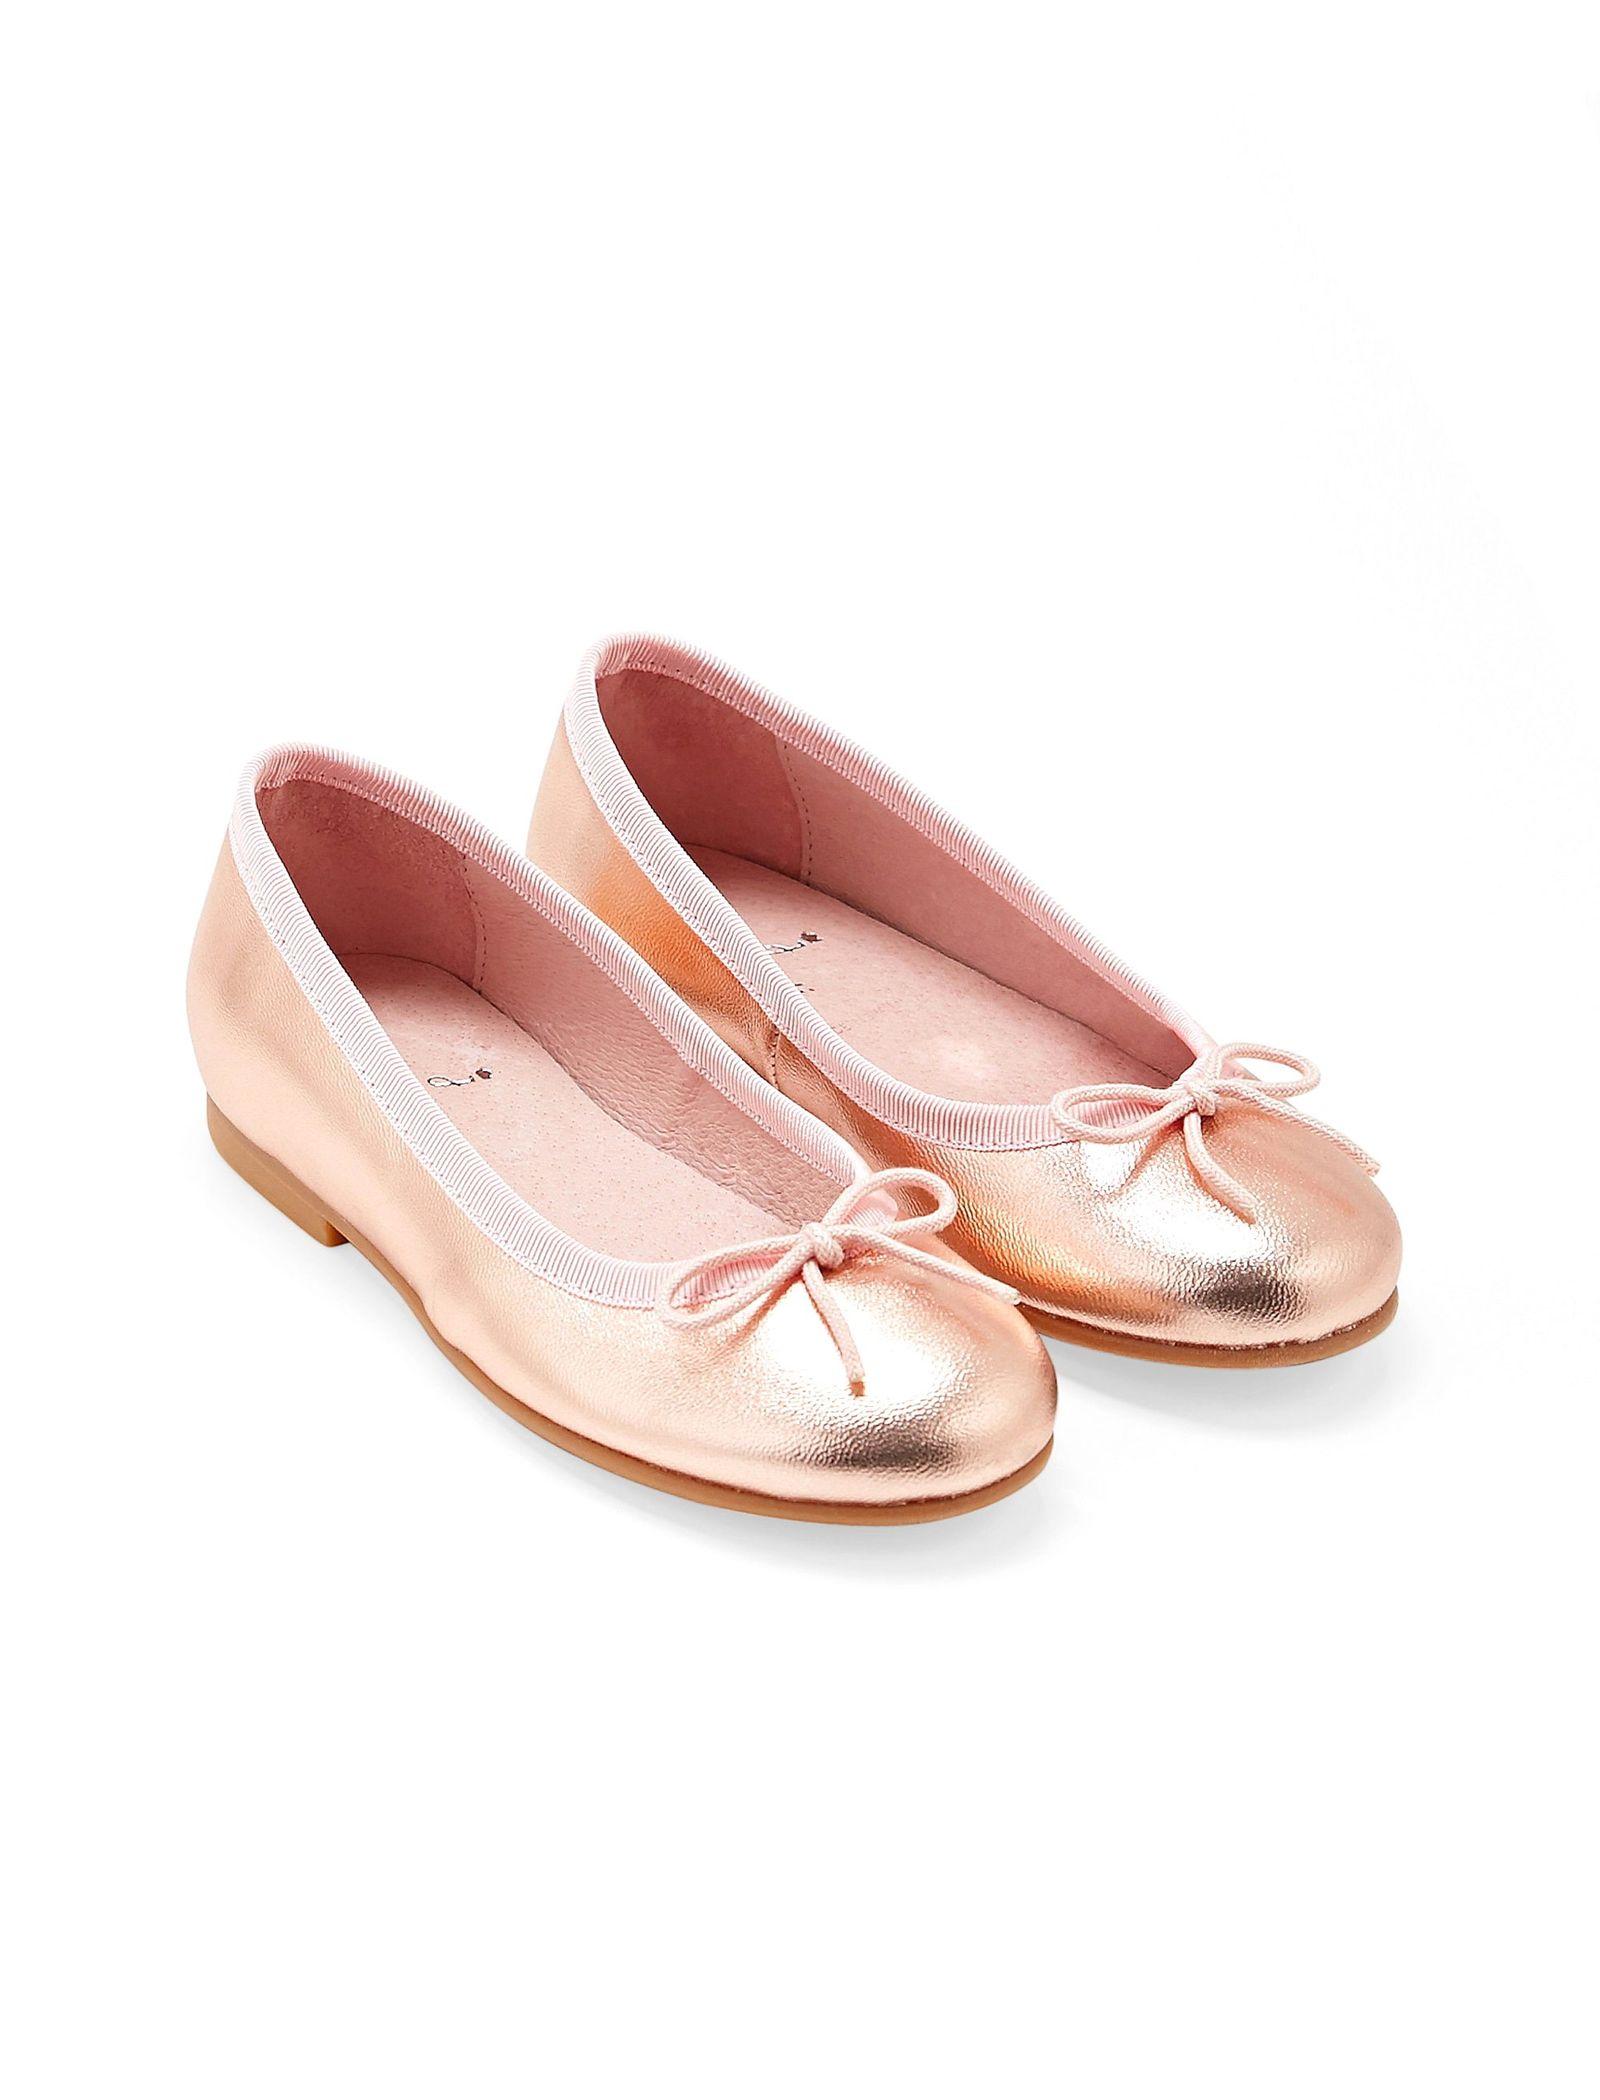 کفش تخت چرم عروسکی دخترانه Dittle Irisee - جاکادی - رزگلد - 4